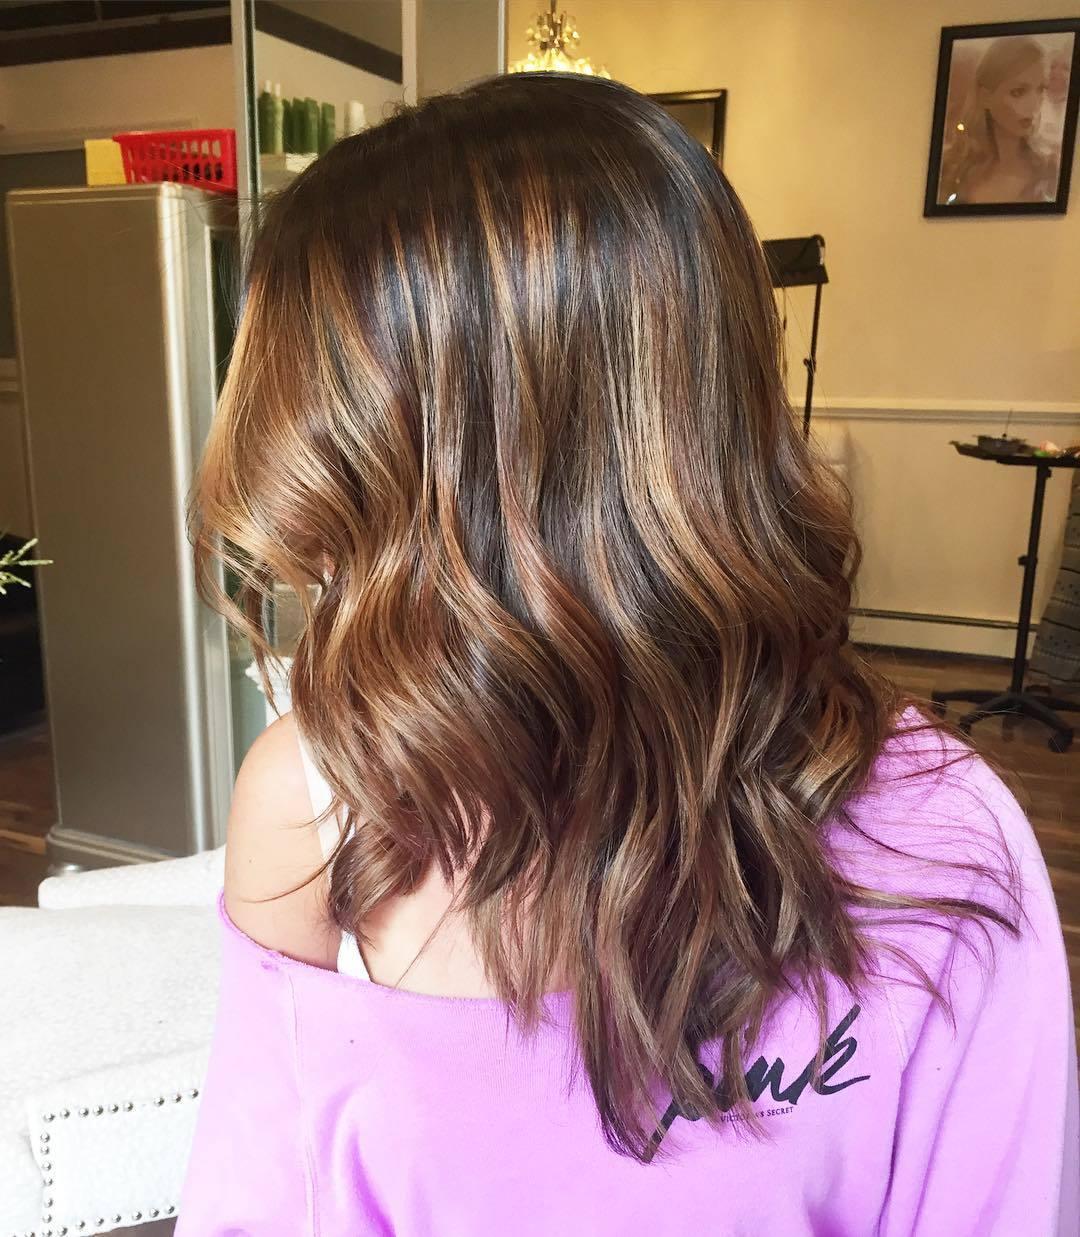 Femme avec des cheveux mi-longs ondulés de couleur châtain miel.